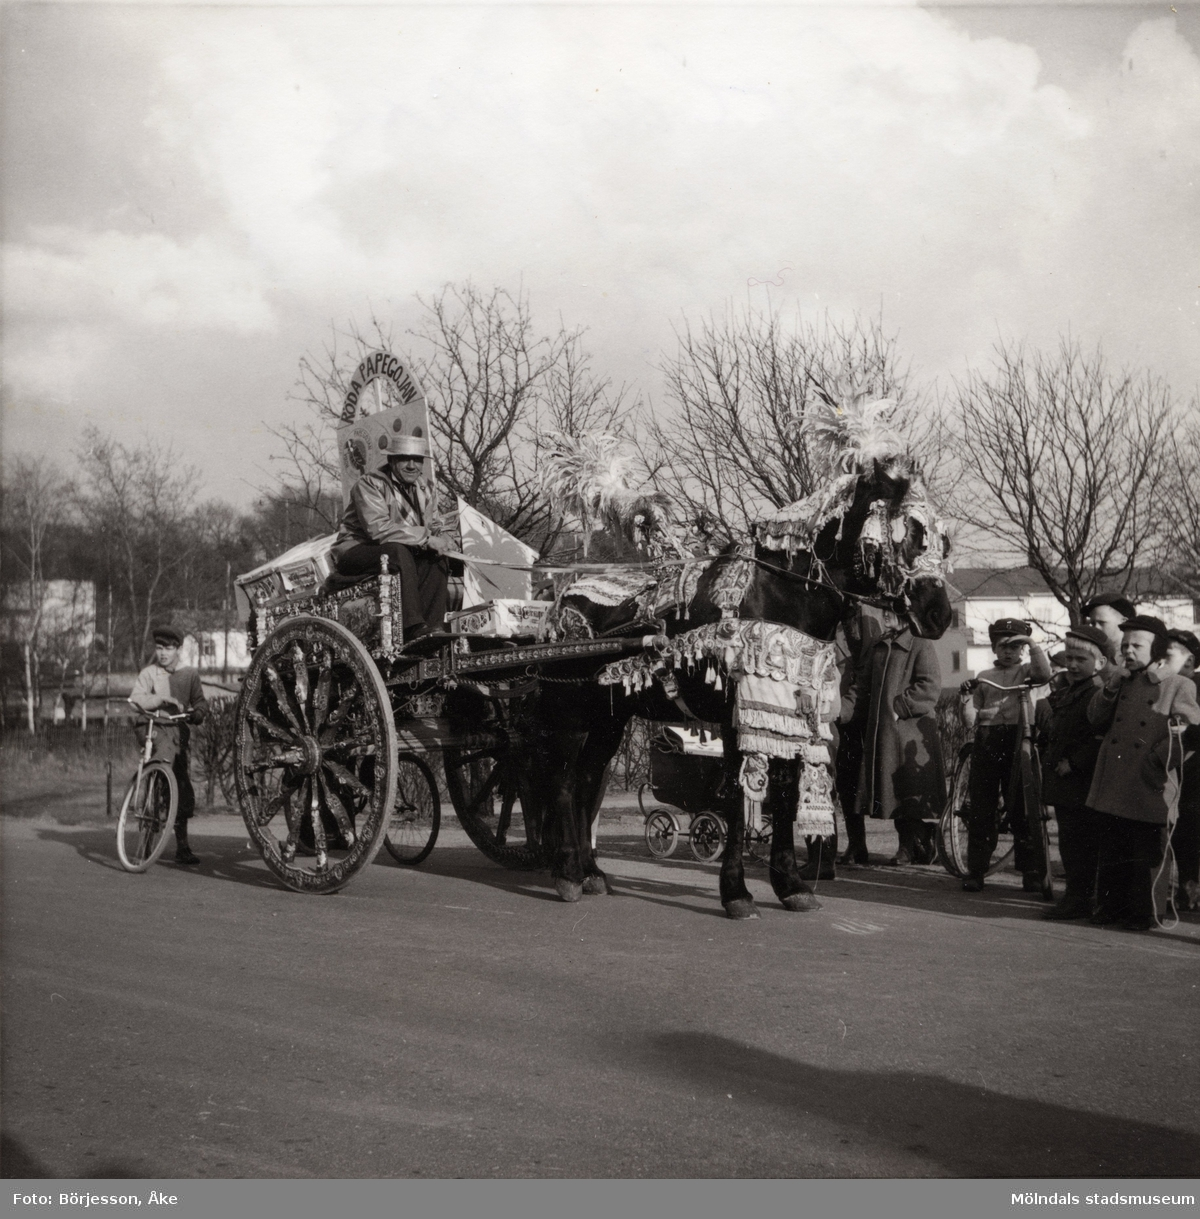 """Motiv från Solängen. Häst med vagn och kusk bär dekorationer. Möjligtvis reklam av något slag? Skylt med texten """"Röda papegojan"""" på vagnen. Barn på cyklar står runt omkring och tittar på. Möjligen Frölundagatan på 1950-60-talet."""